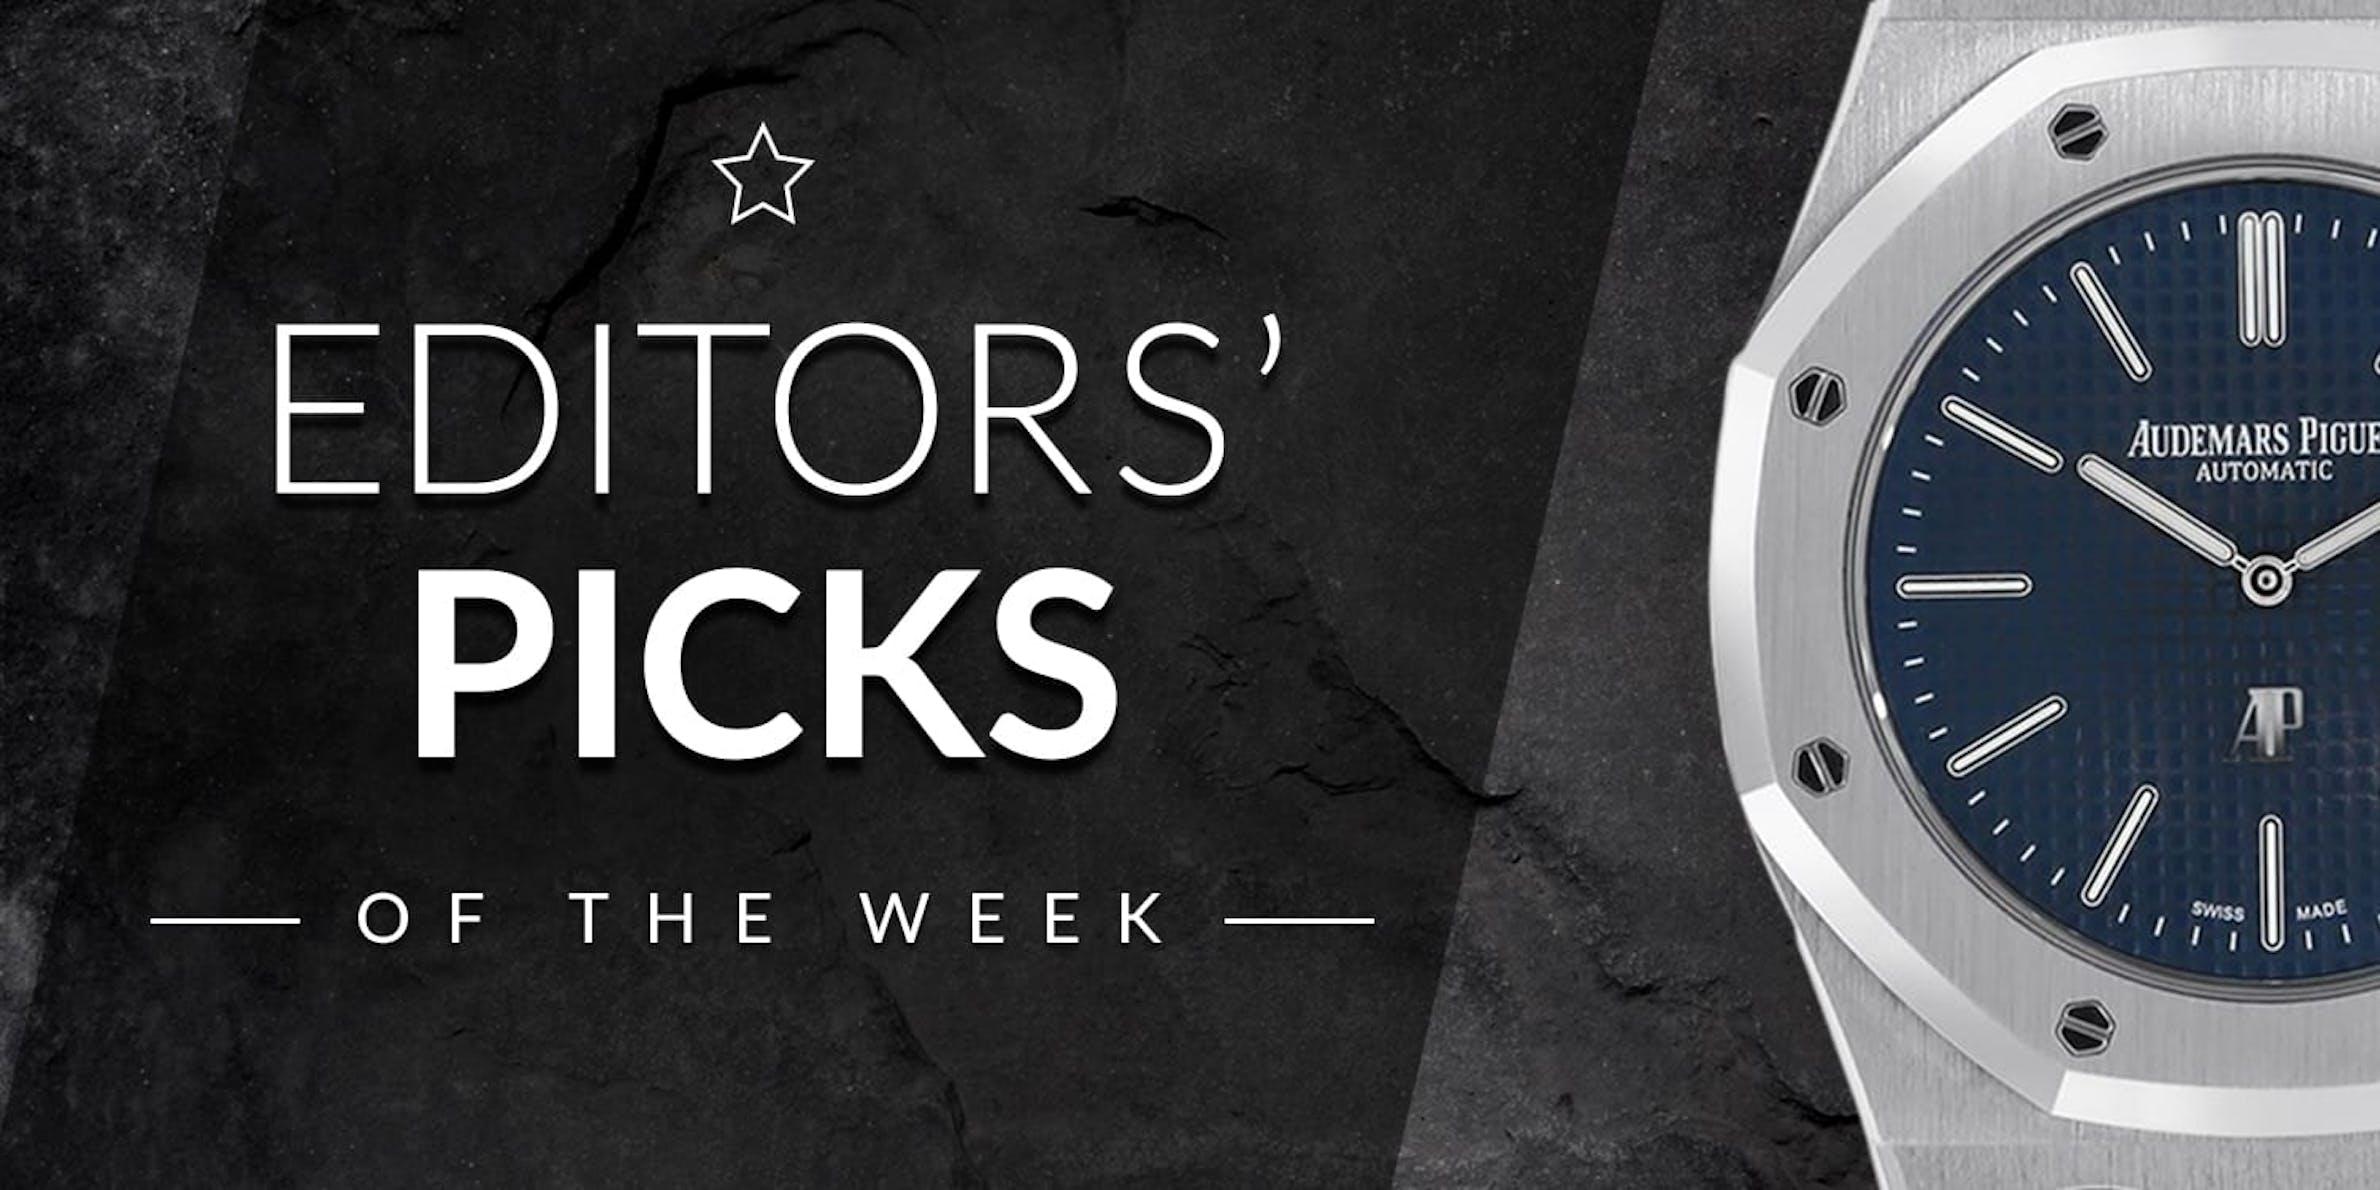 Editors' Picks der Woche: IWC, Audemars Piguet und Omega